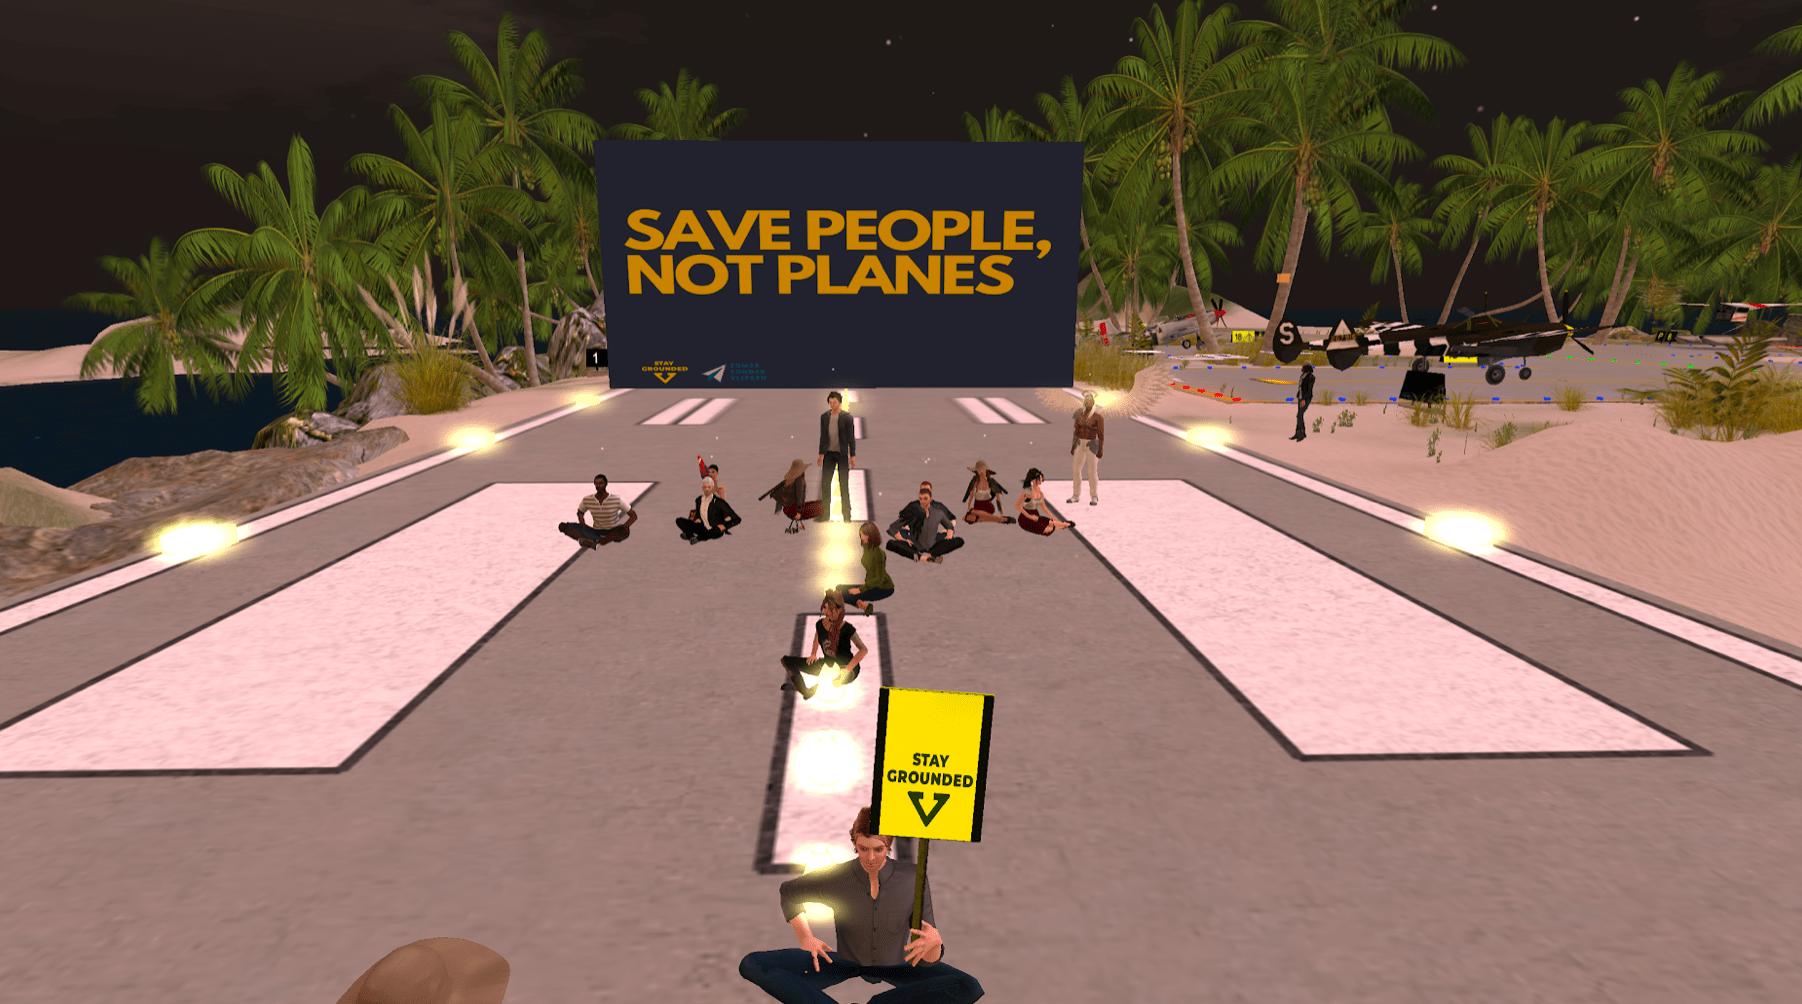 Digitale landingsbaan in Second Life wordt bezet om overheid op te roepen vliegen na coronacrisis te herzien.